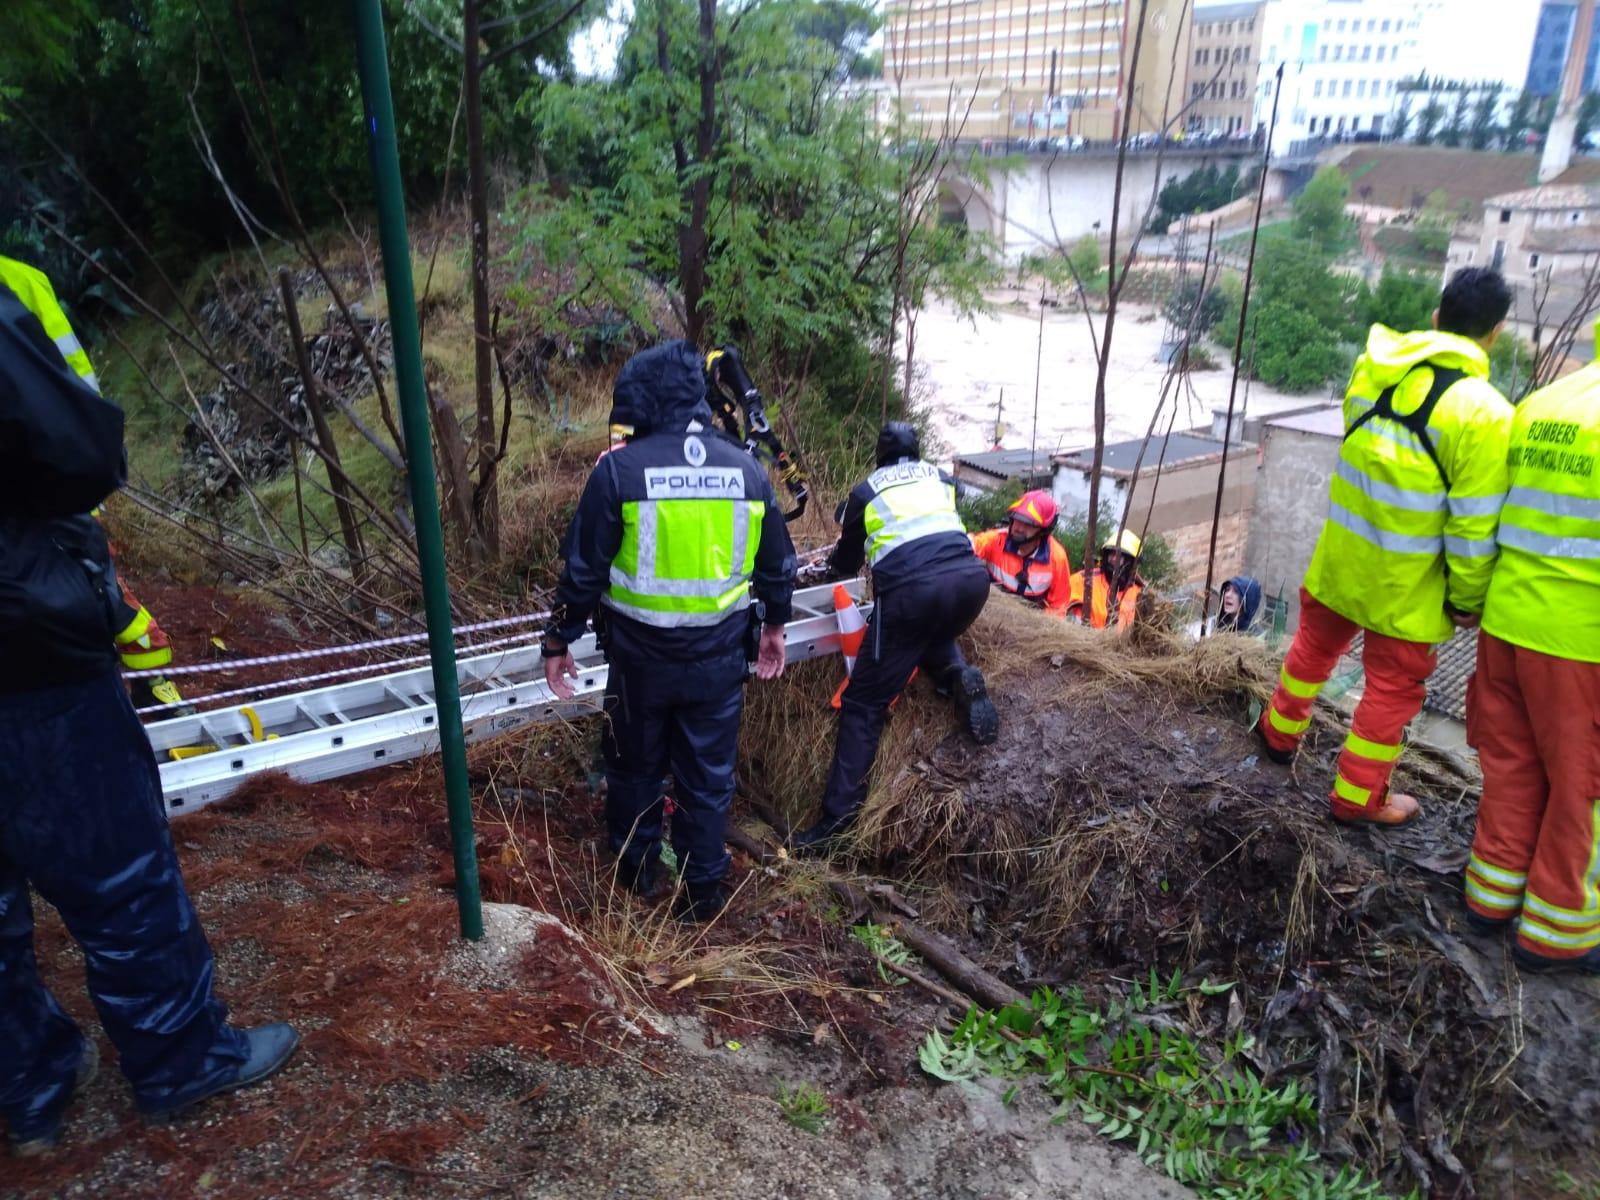 La Policía Nacional colabora en las labores de rescate como consecuencia de las lluvias